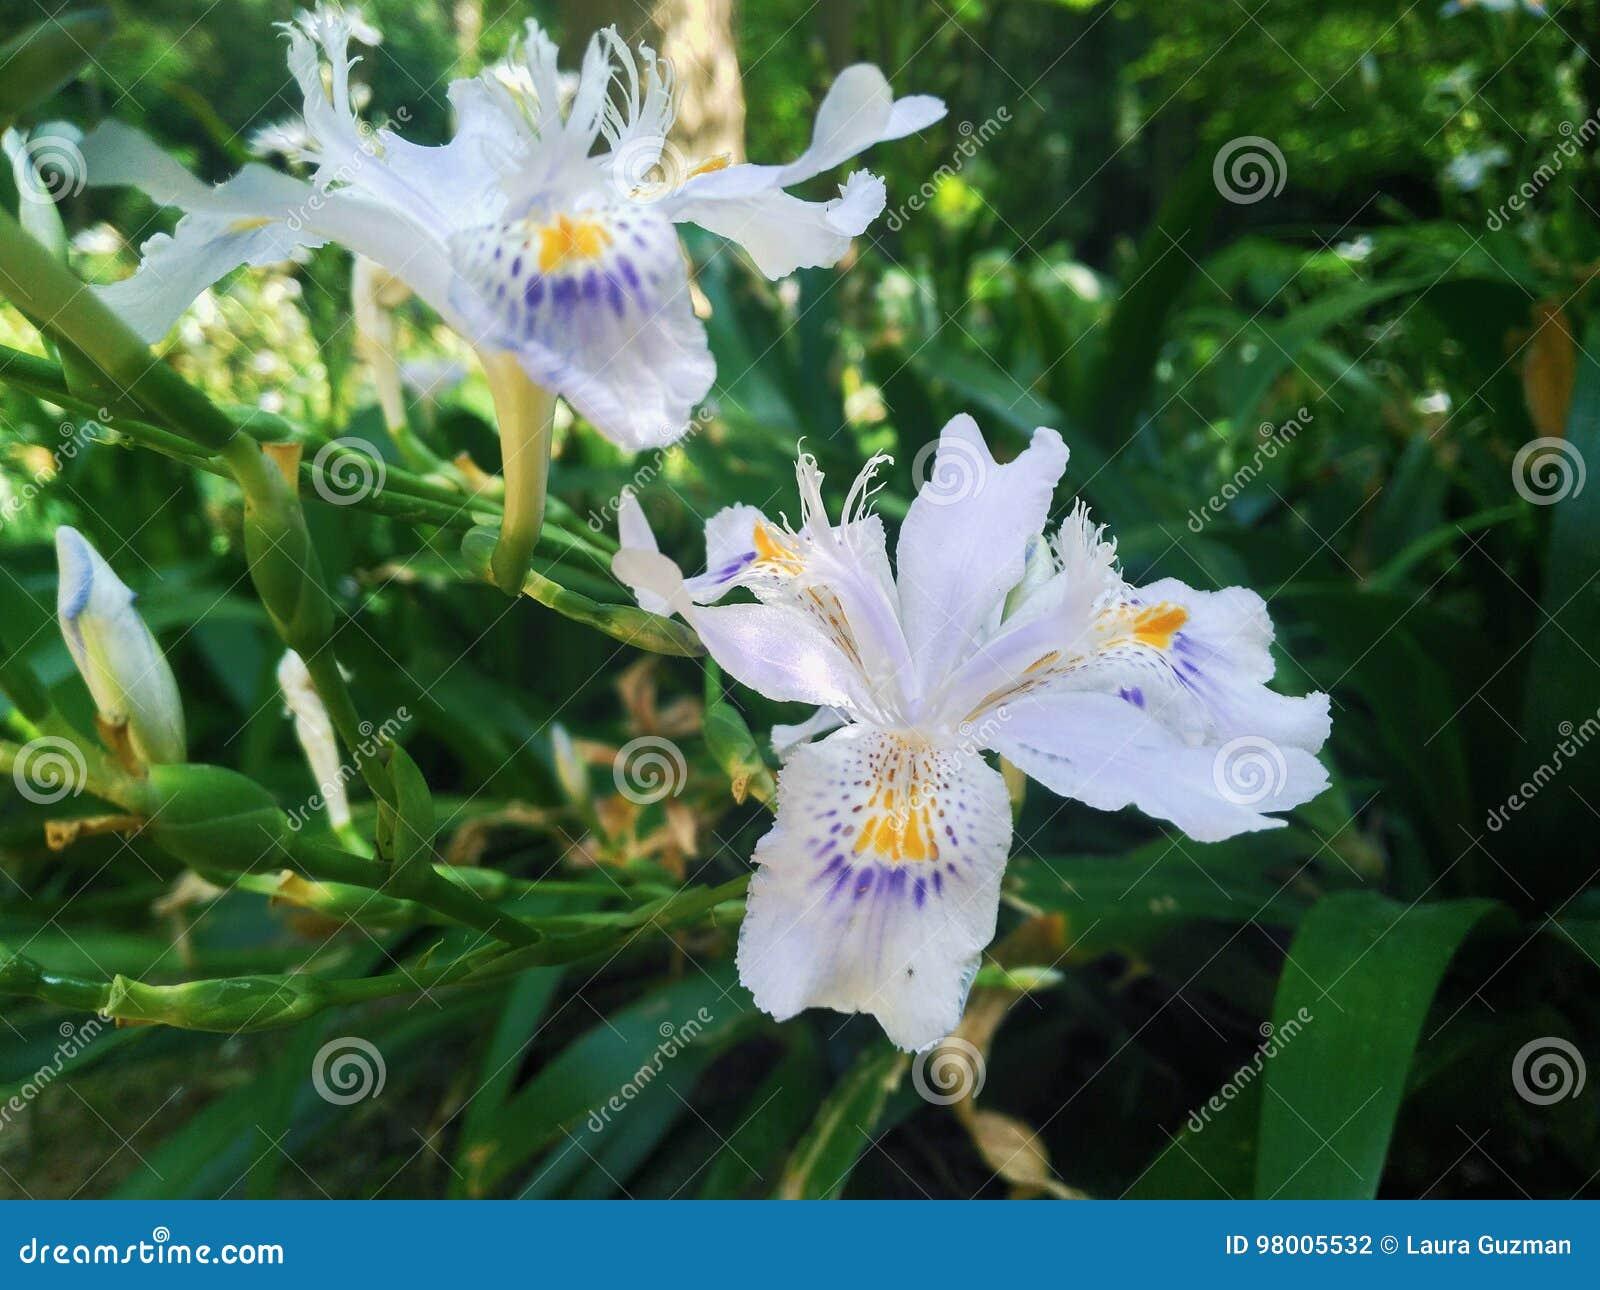 White Flower Six Petal Stock Photo Image Of White Flower 98005532